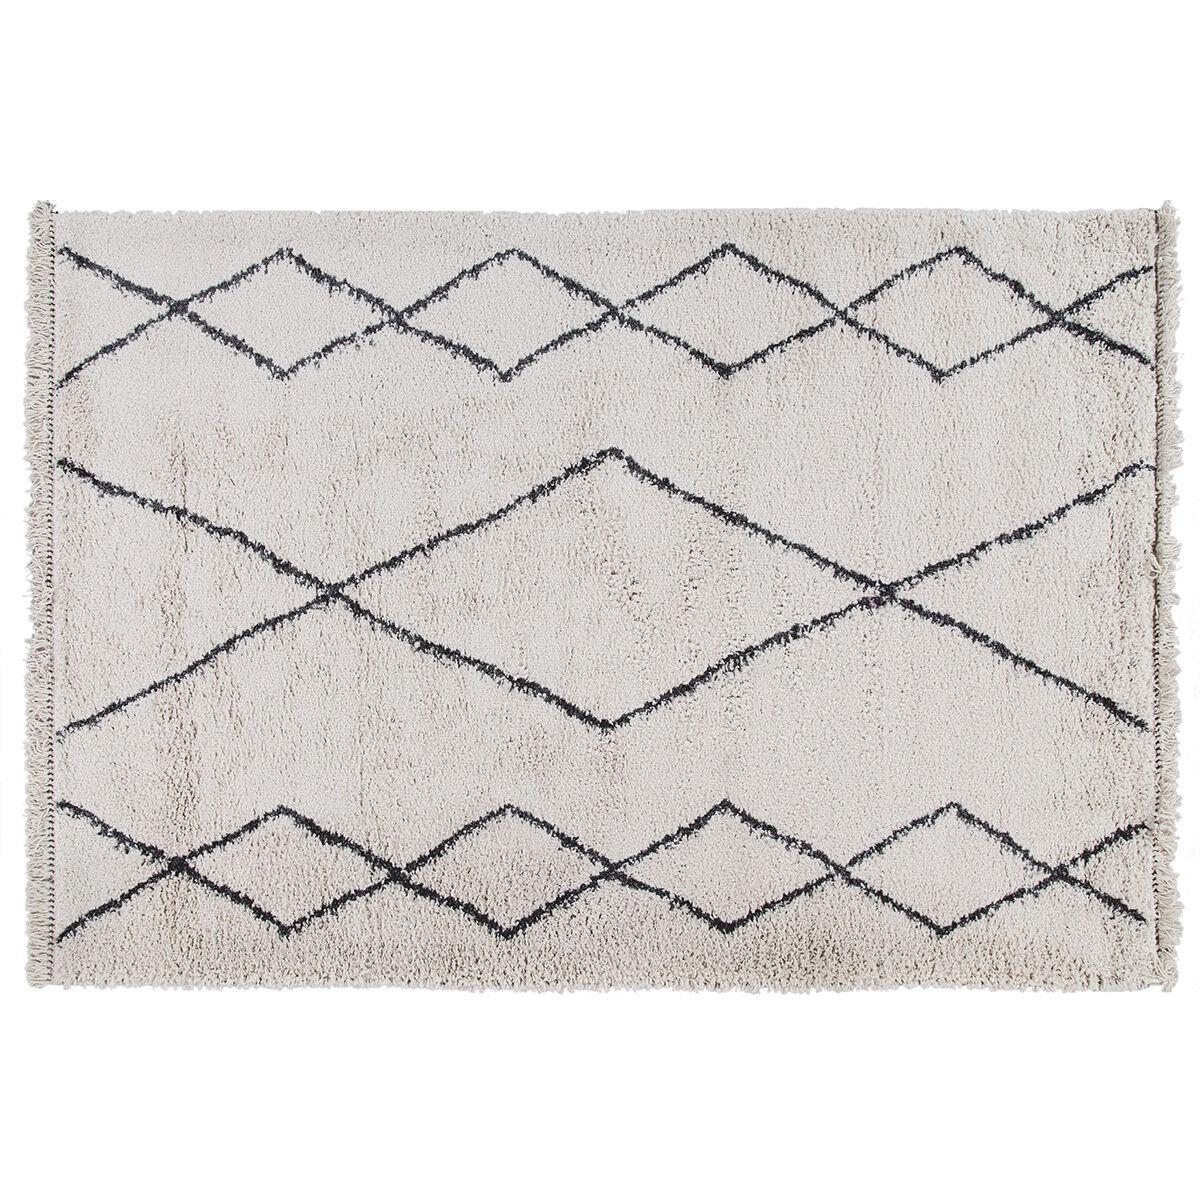 Miliboo Tapis style berbère motif noir 160 x 230 cm TRIBU